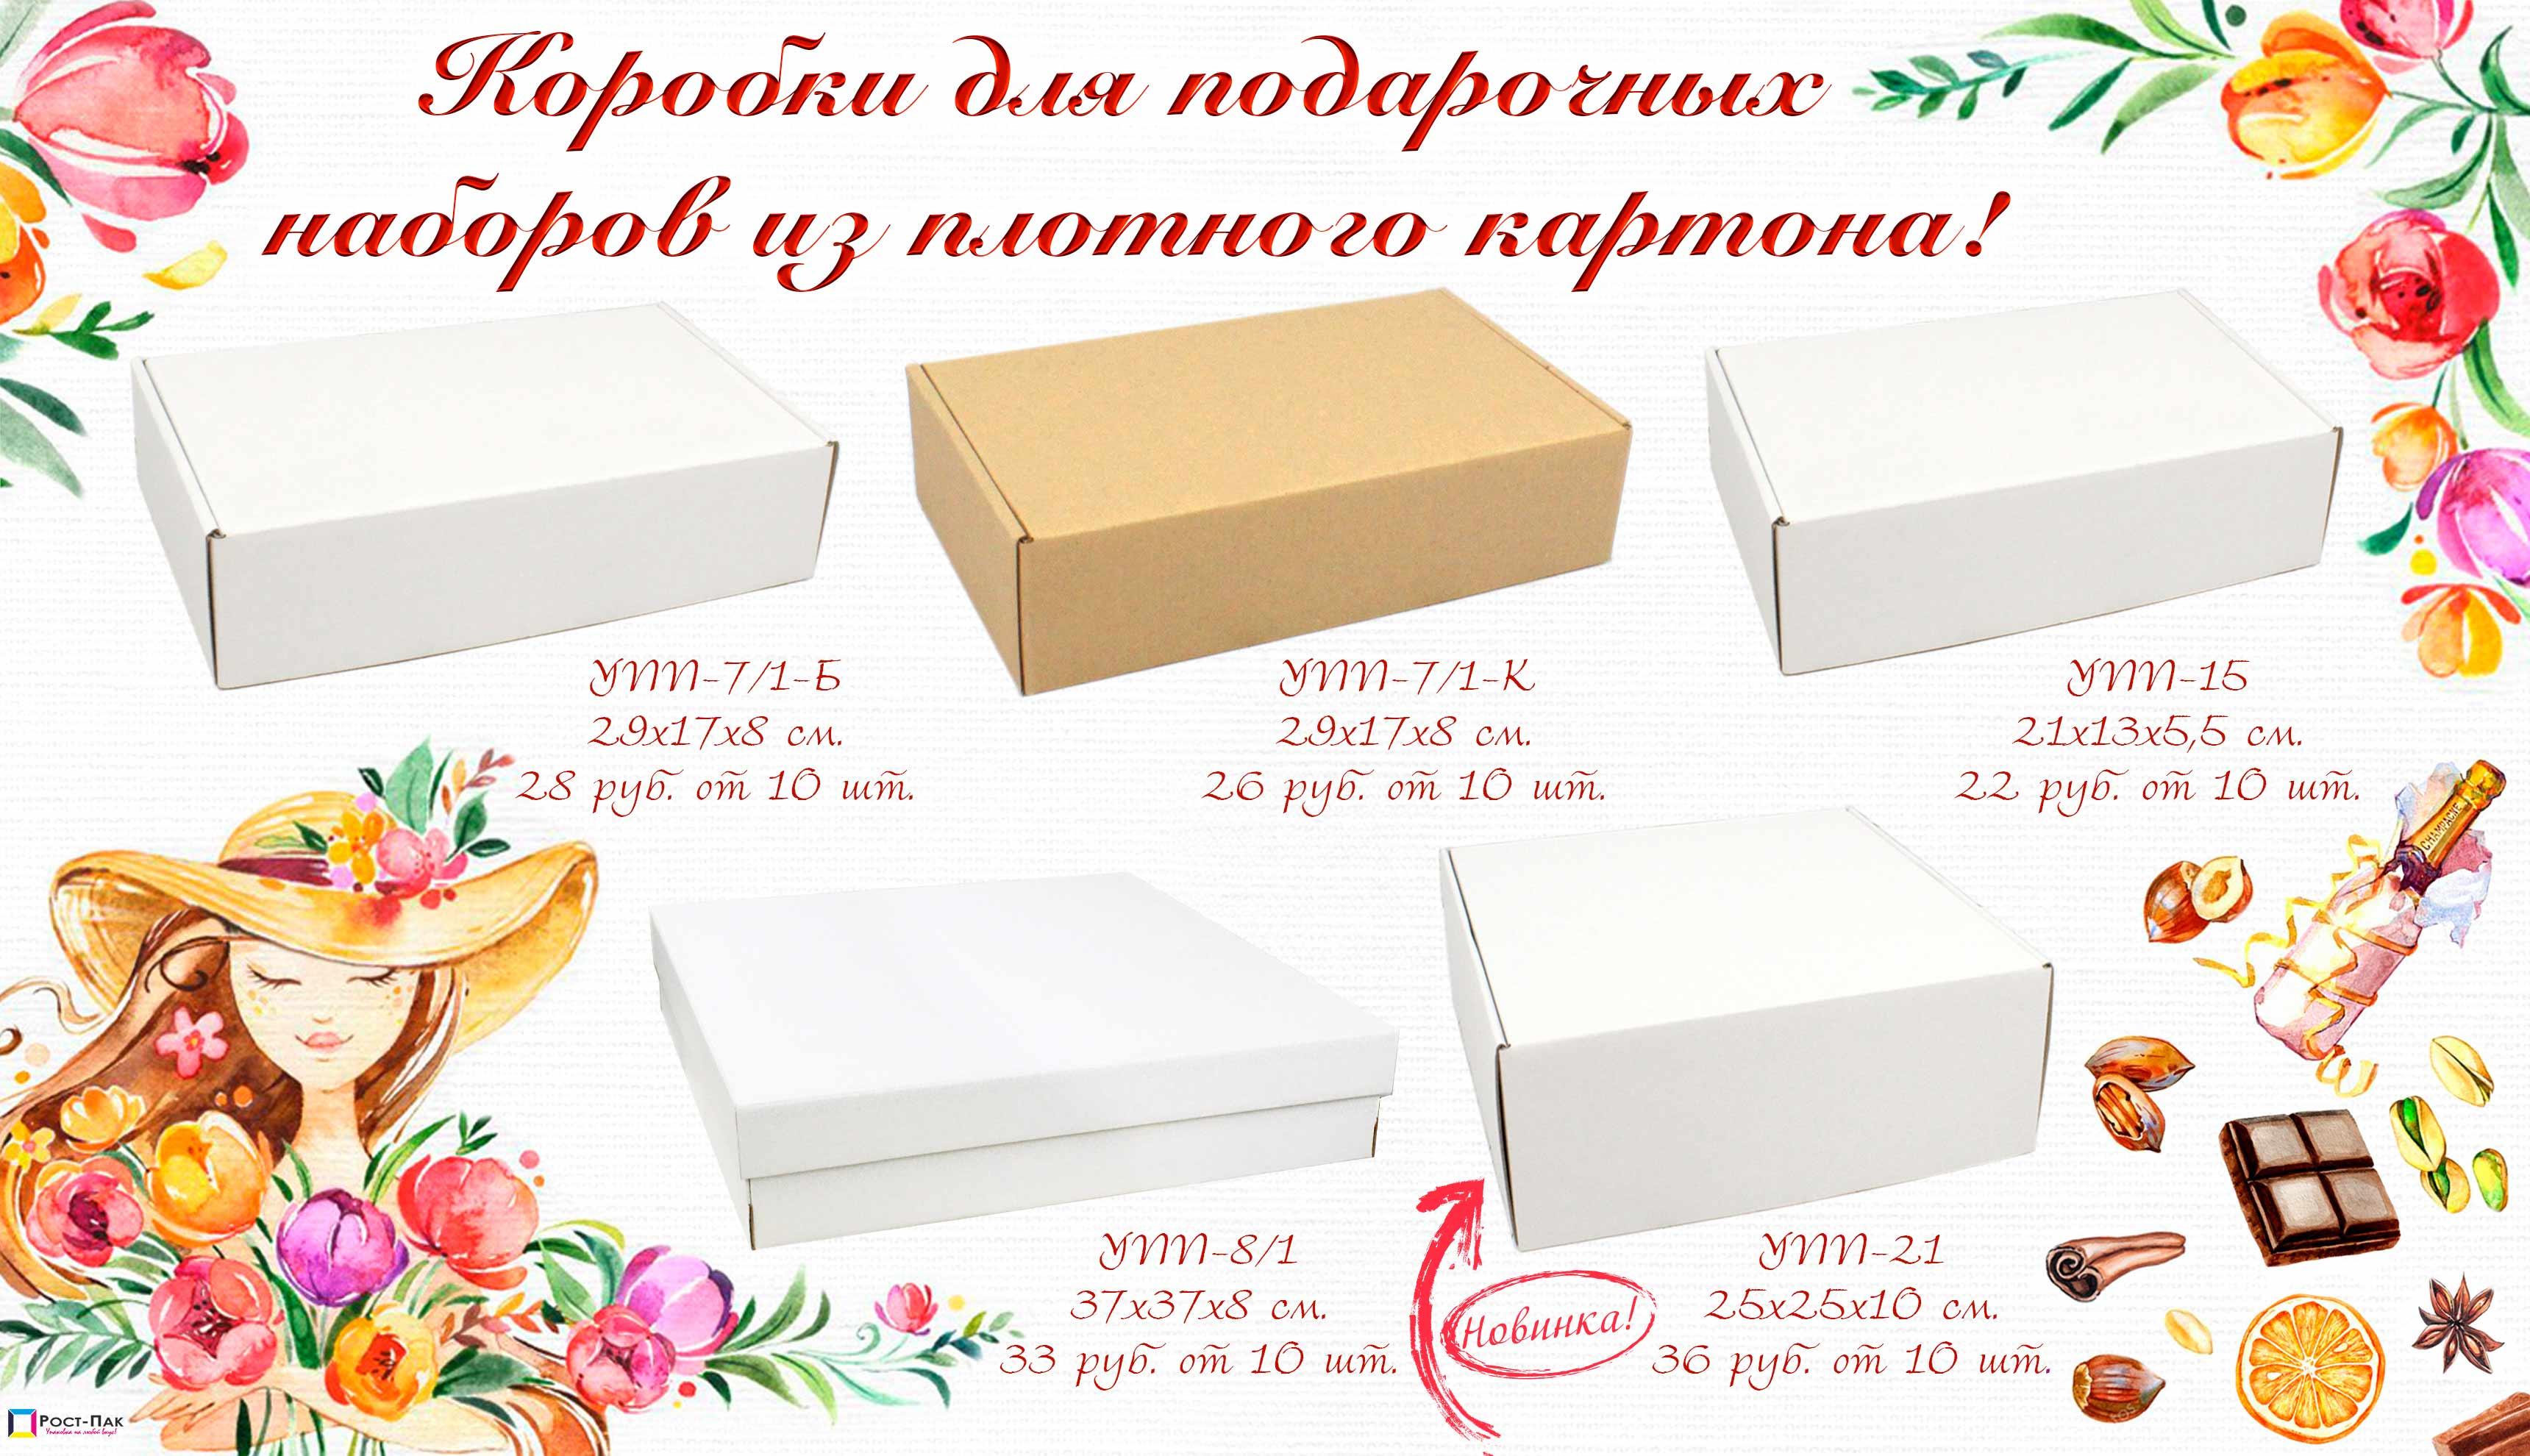 Коробки под подарочные наборы